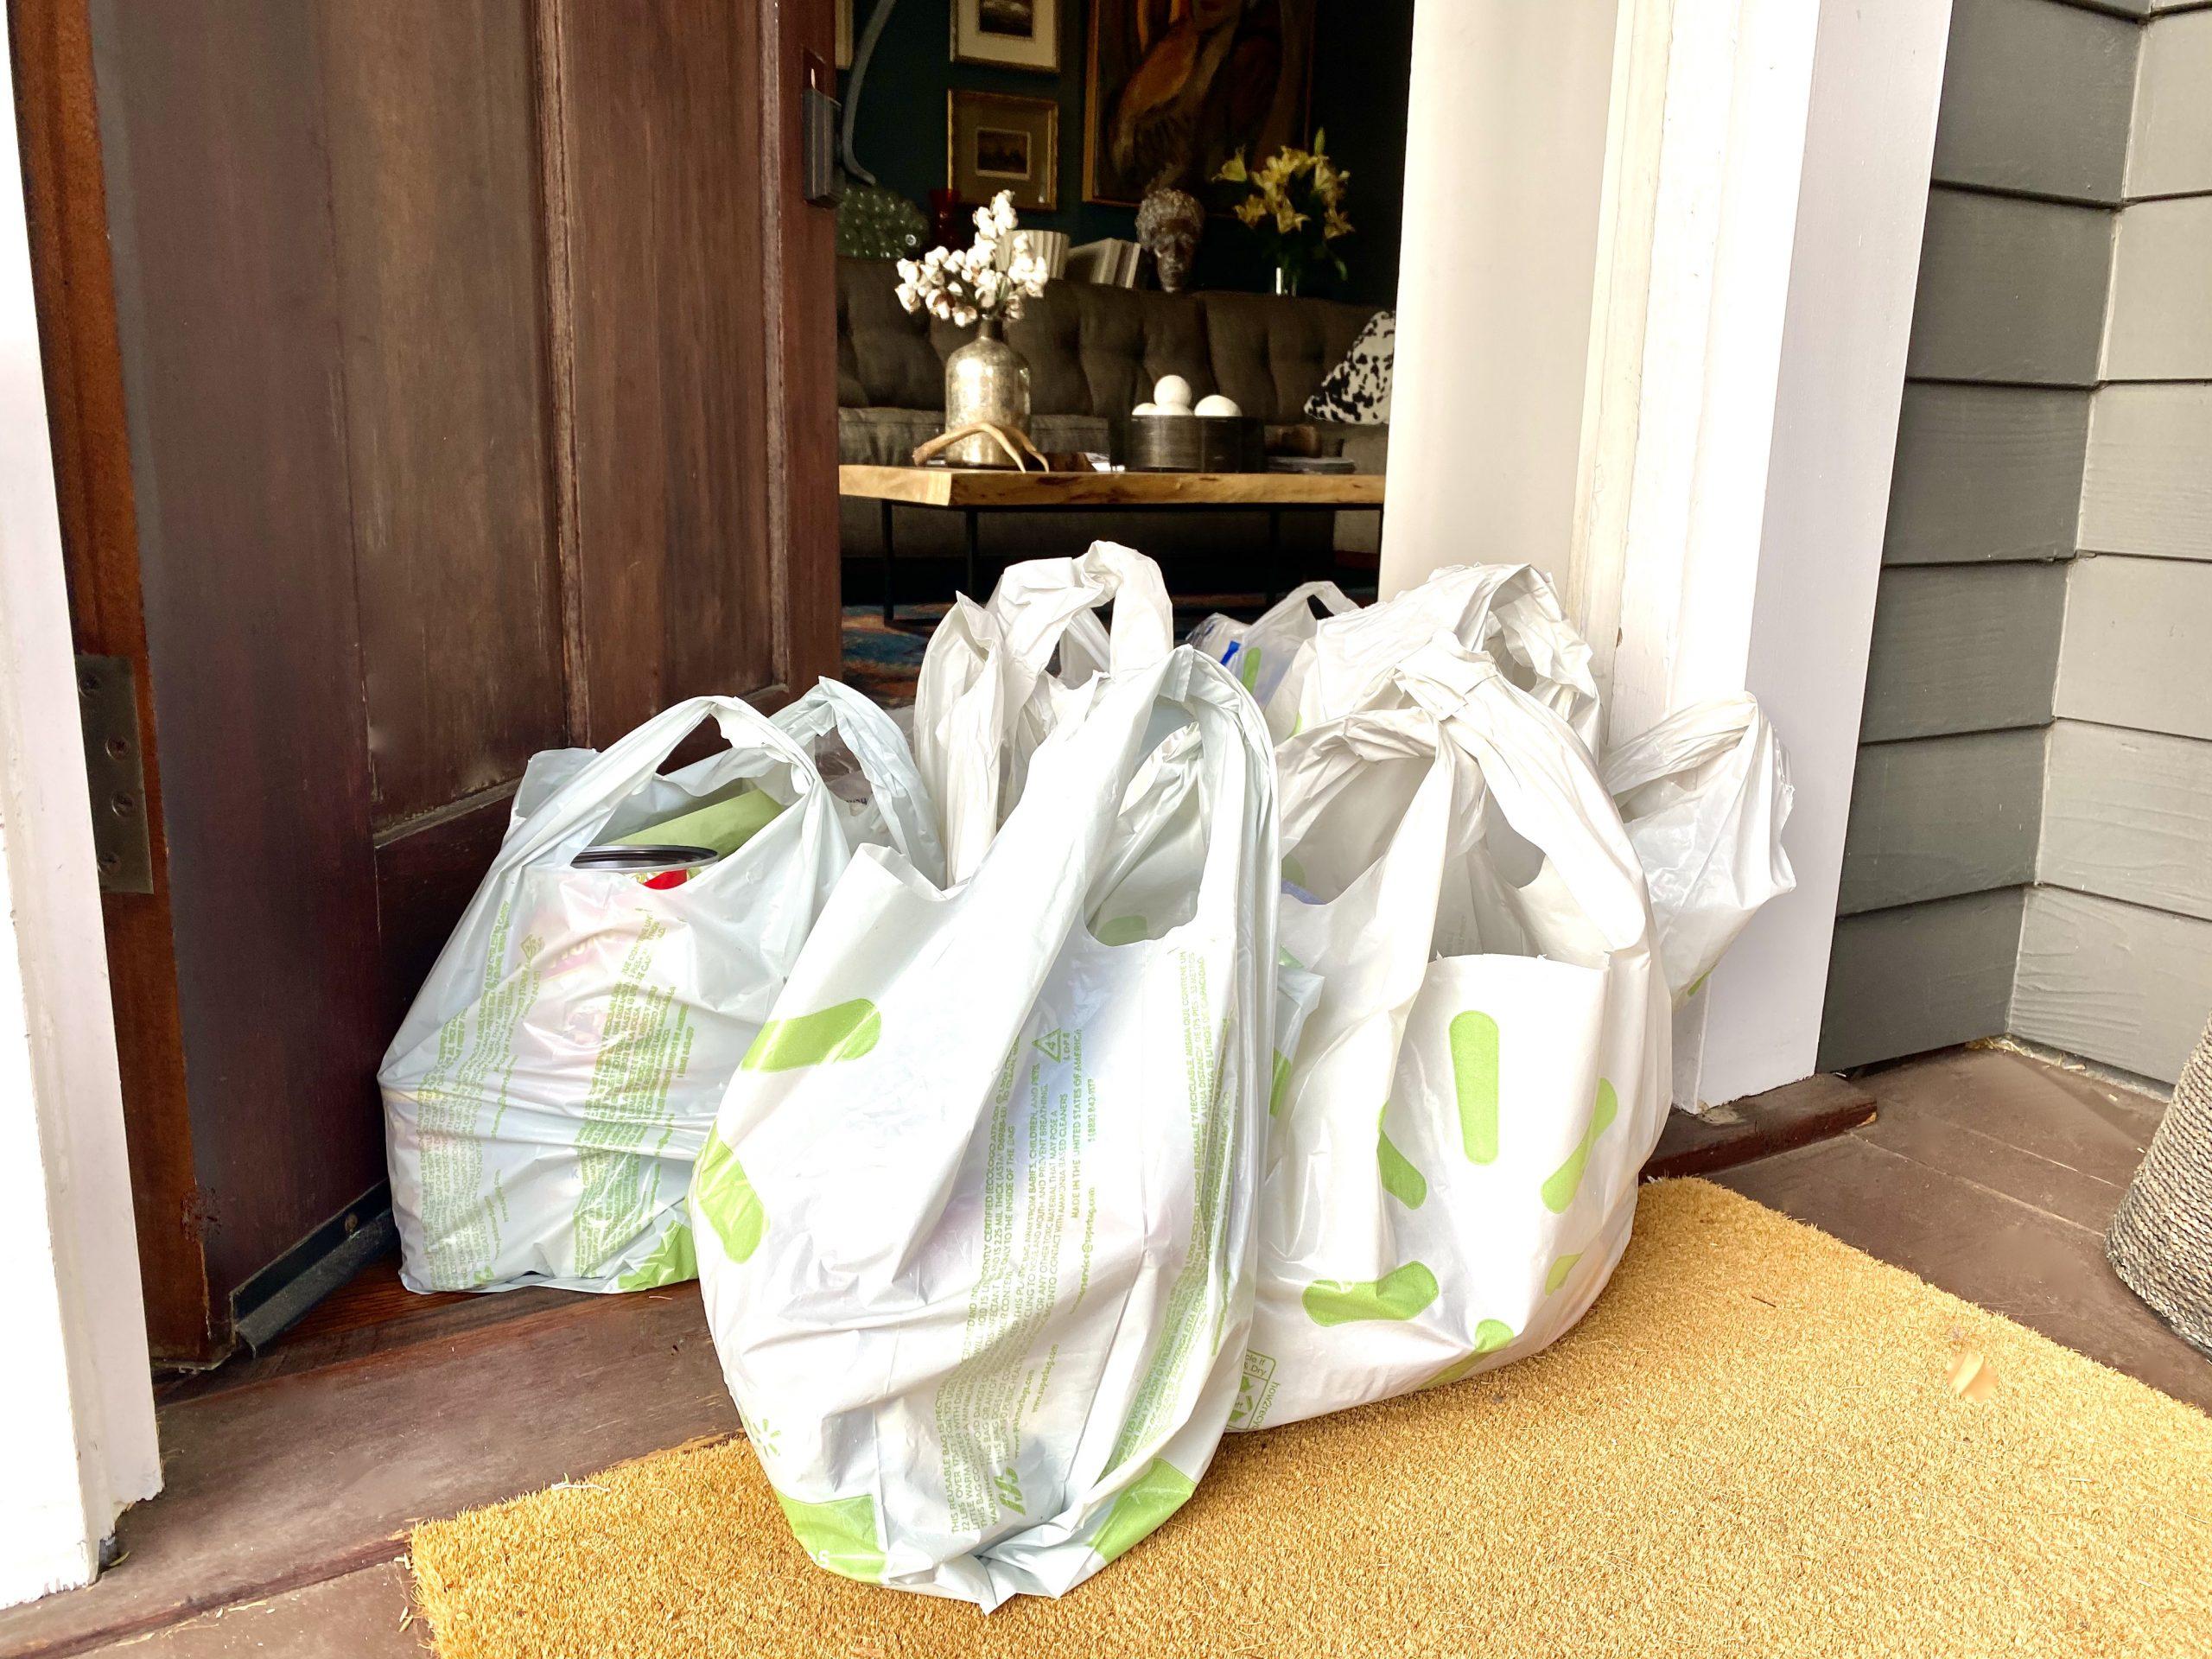 Walmart bags at front door of house